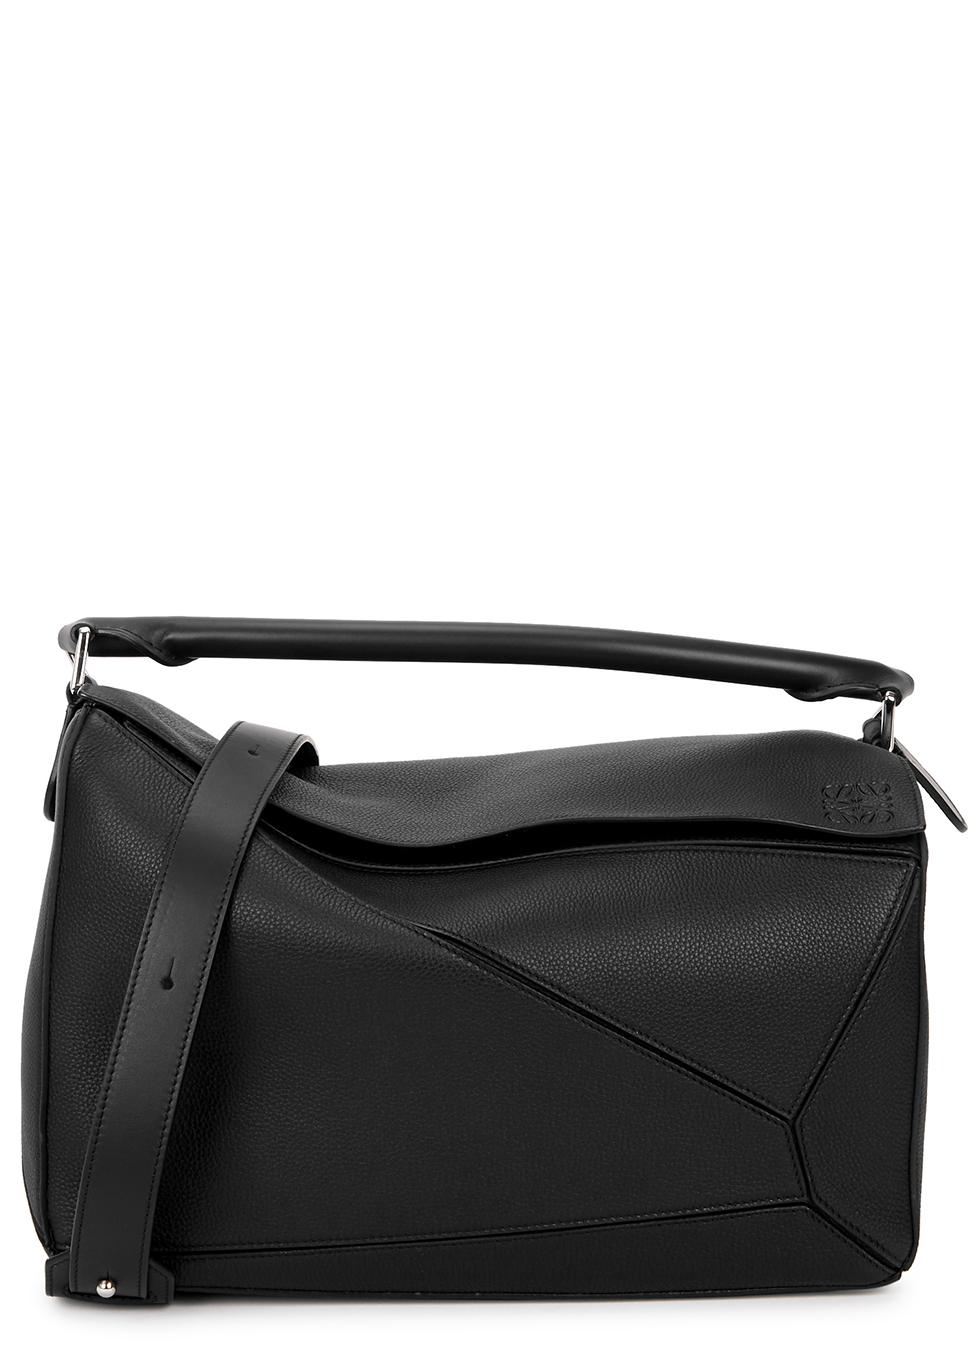 Puzzle large black leather shoulder bag